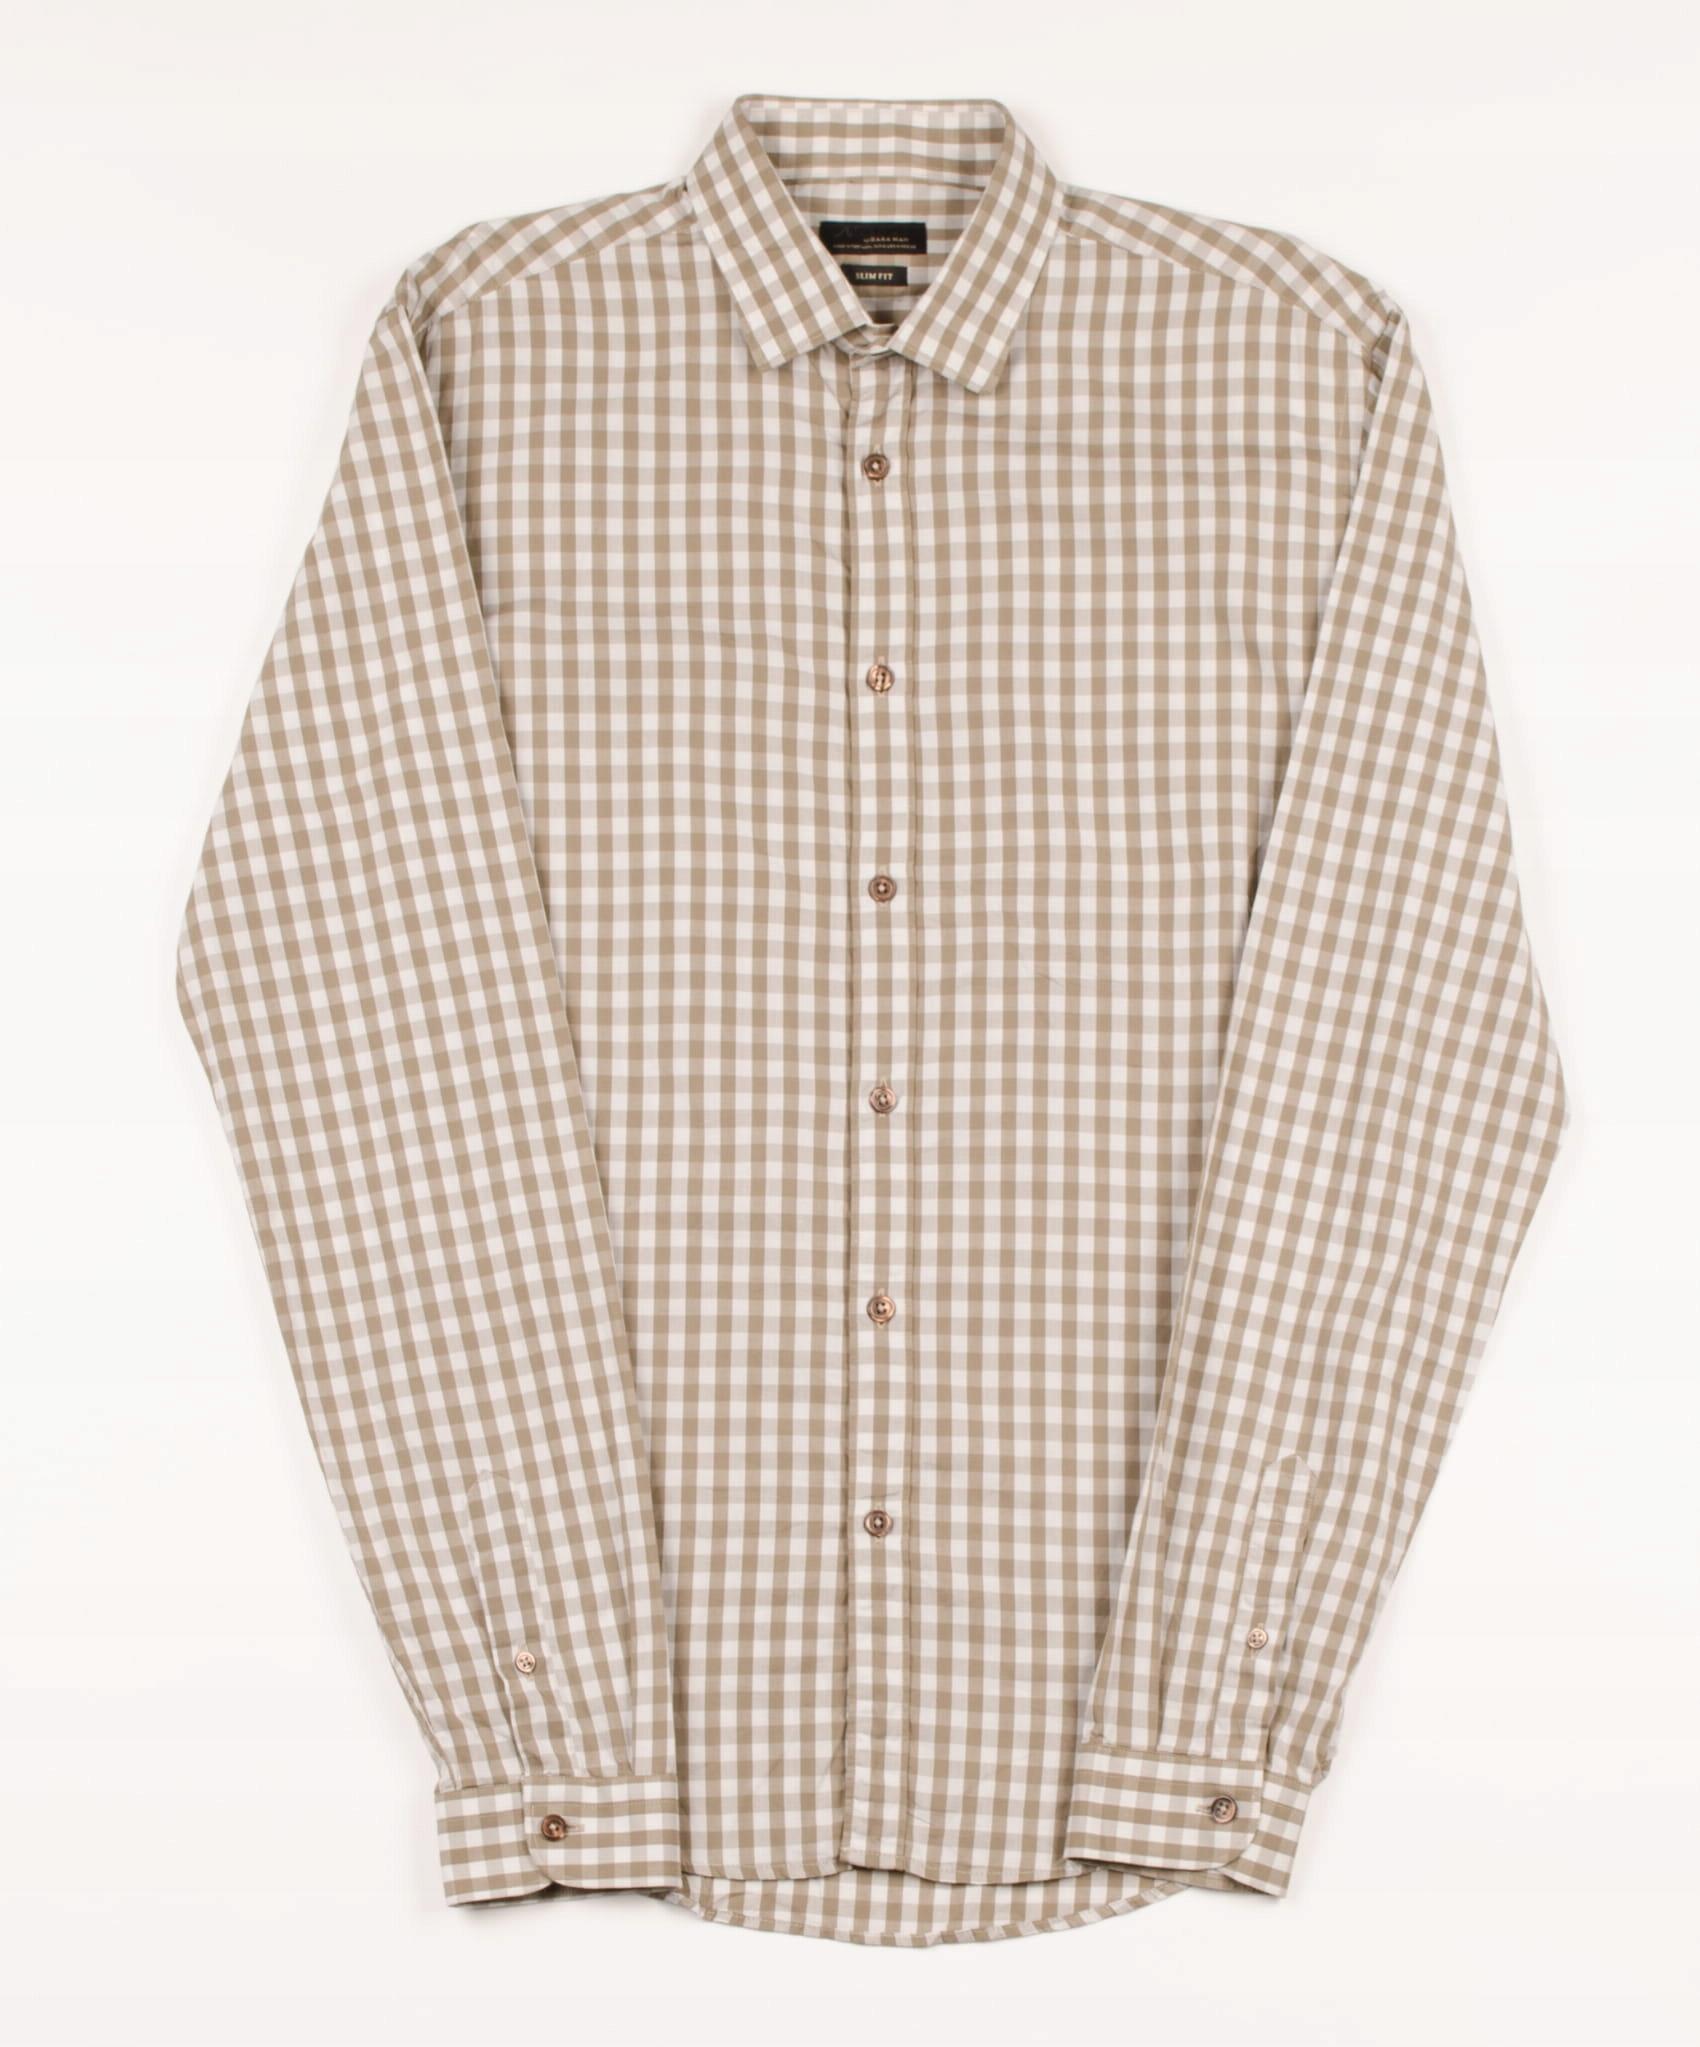 24543 Zara Koszula Męska XL